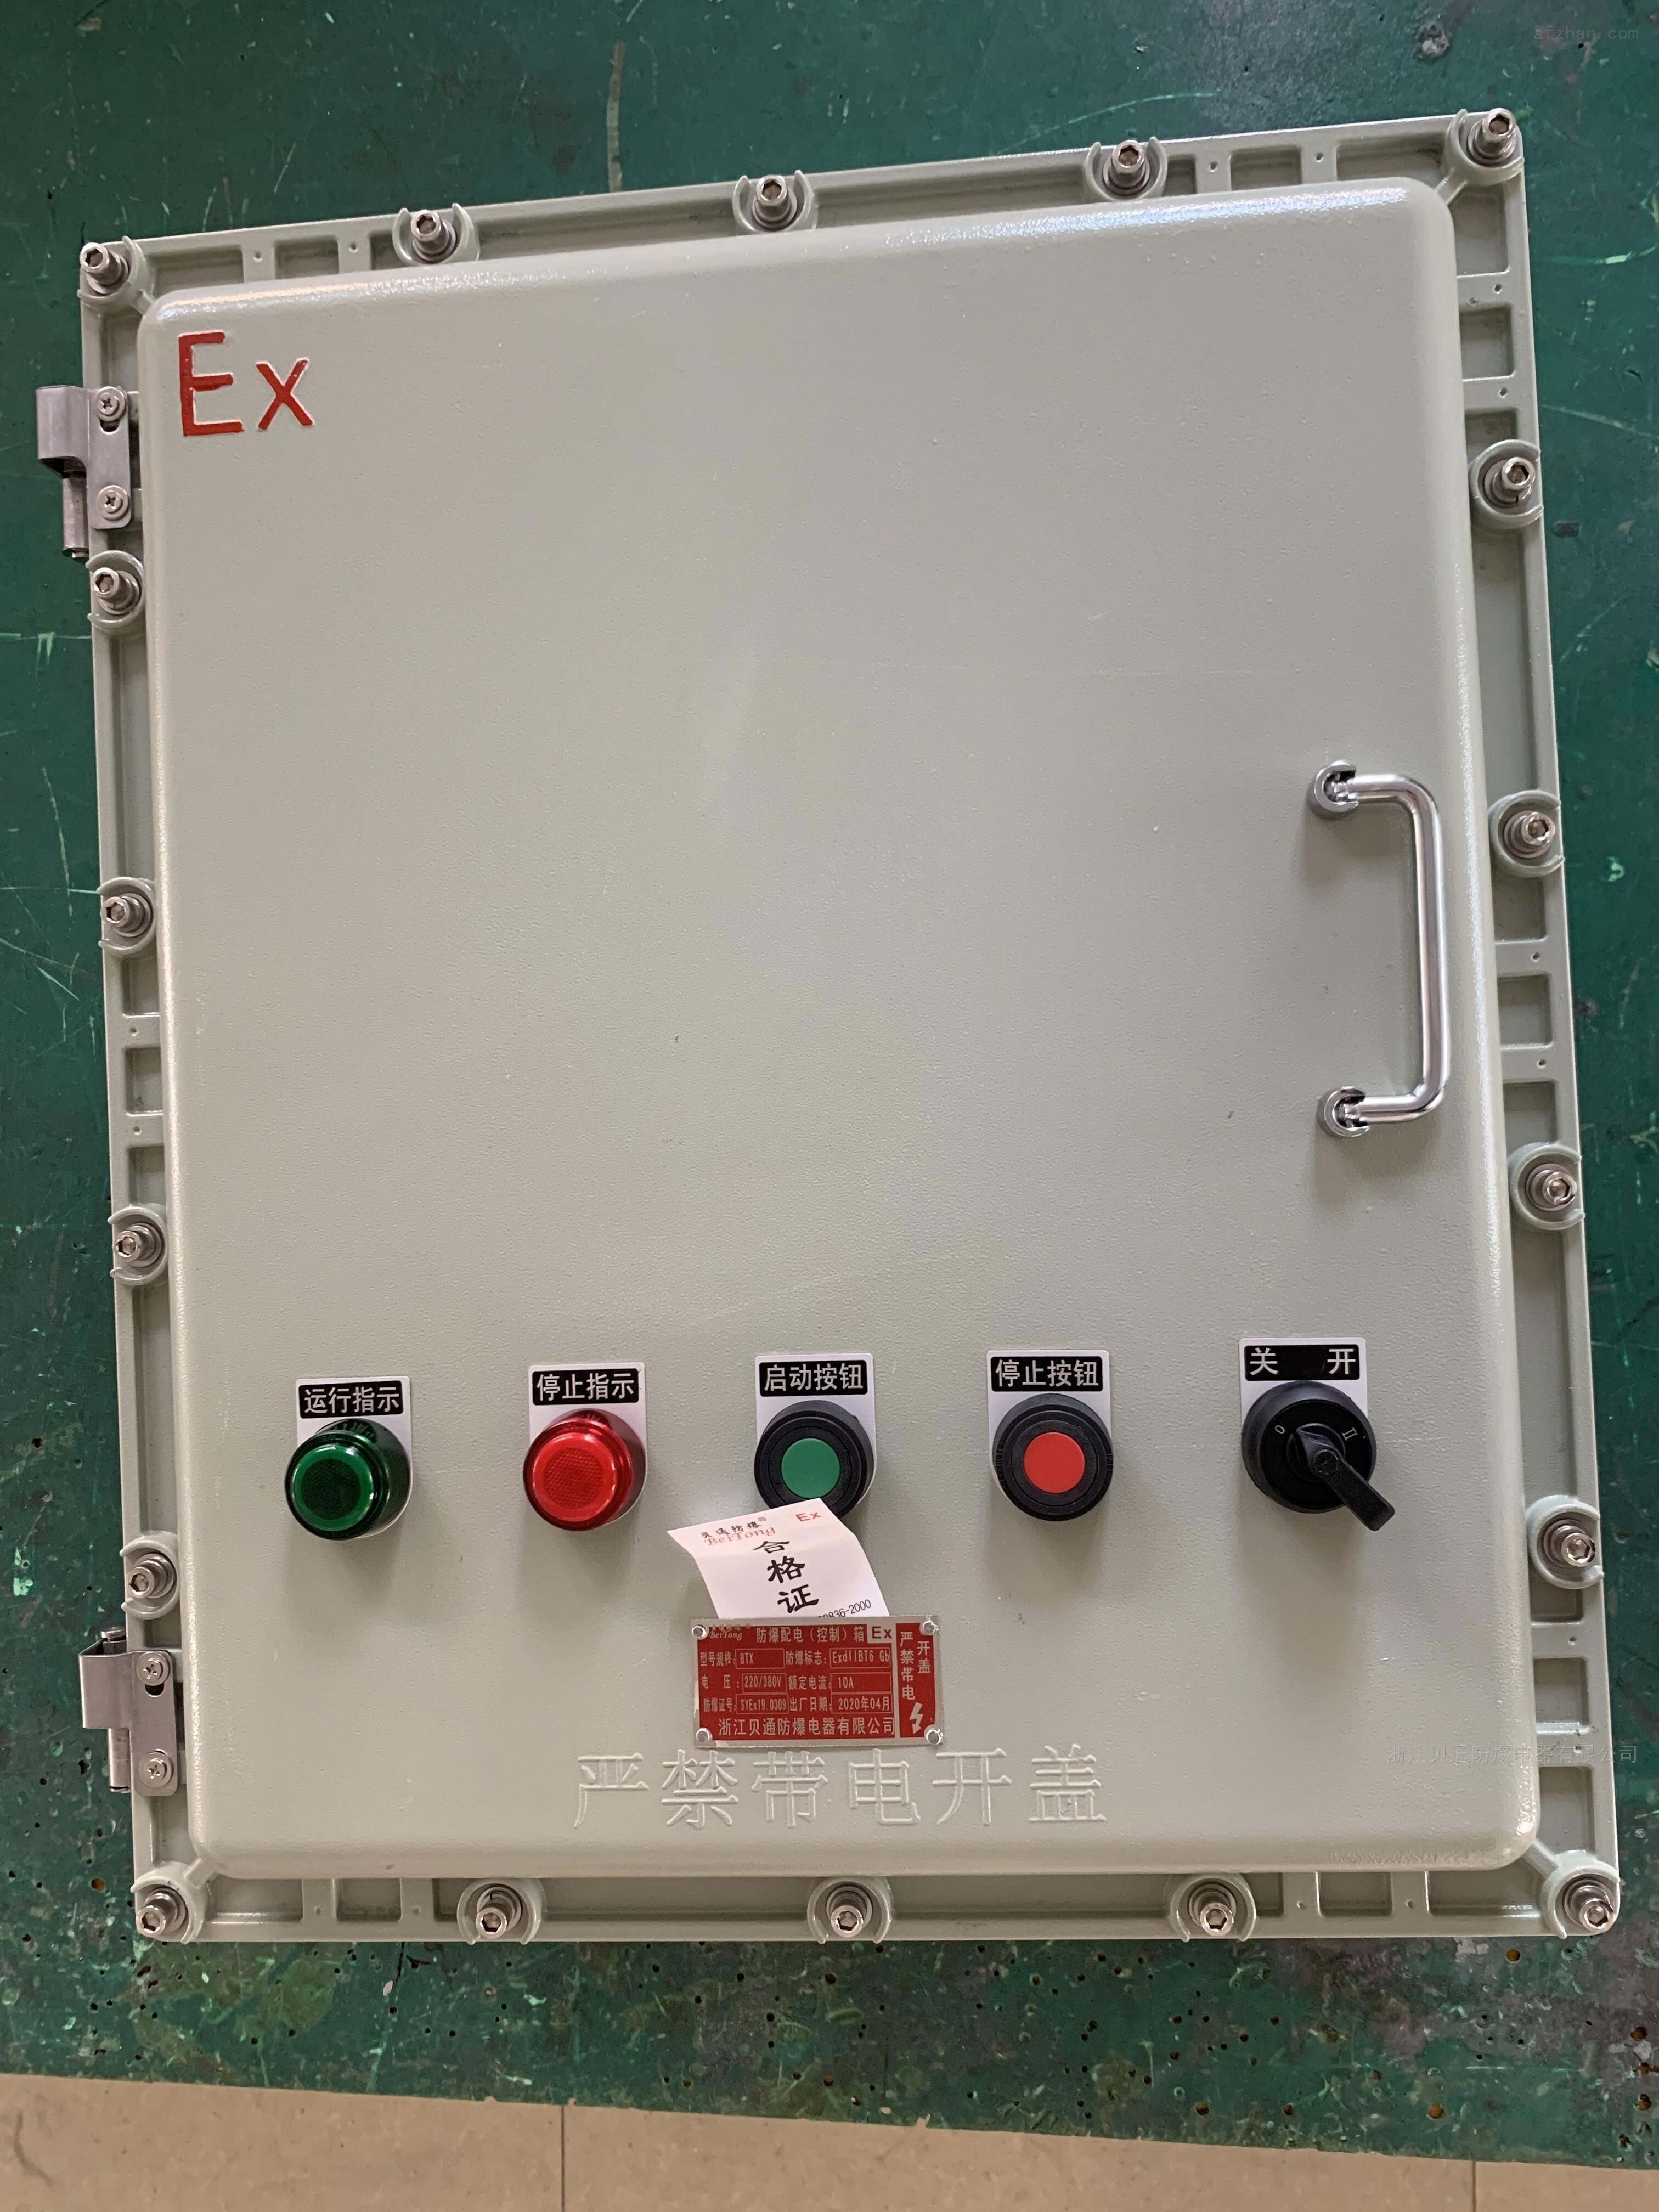 BJX大尺寸防爆箱600*800*230铝合金控制箱